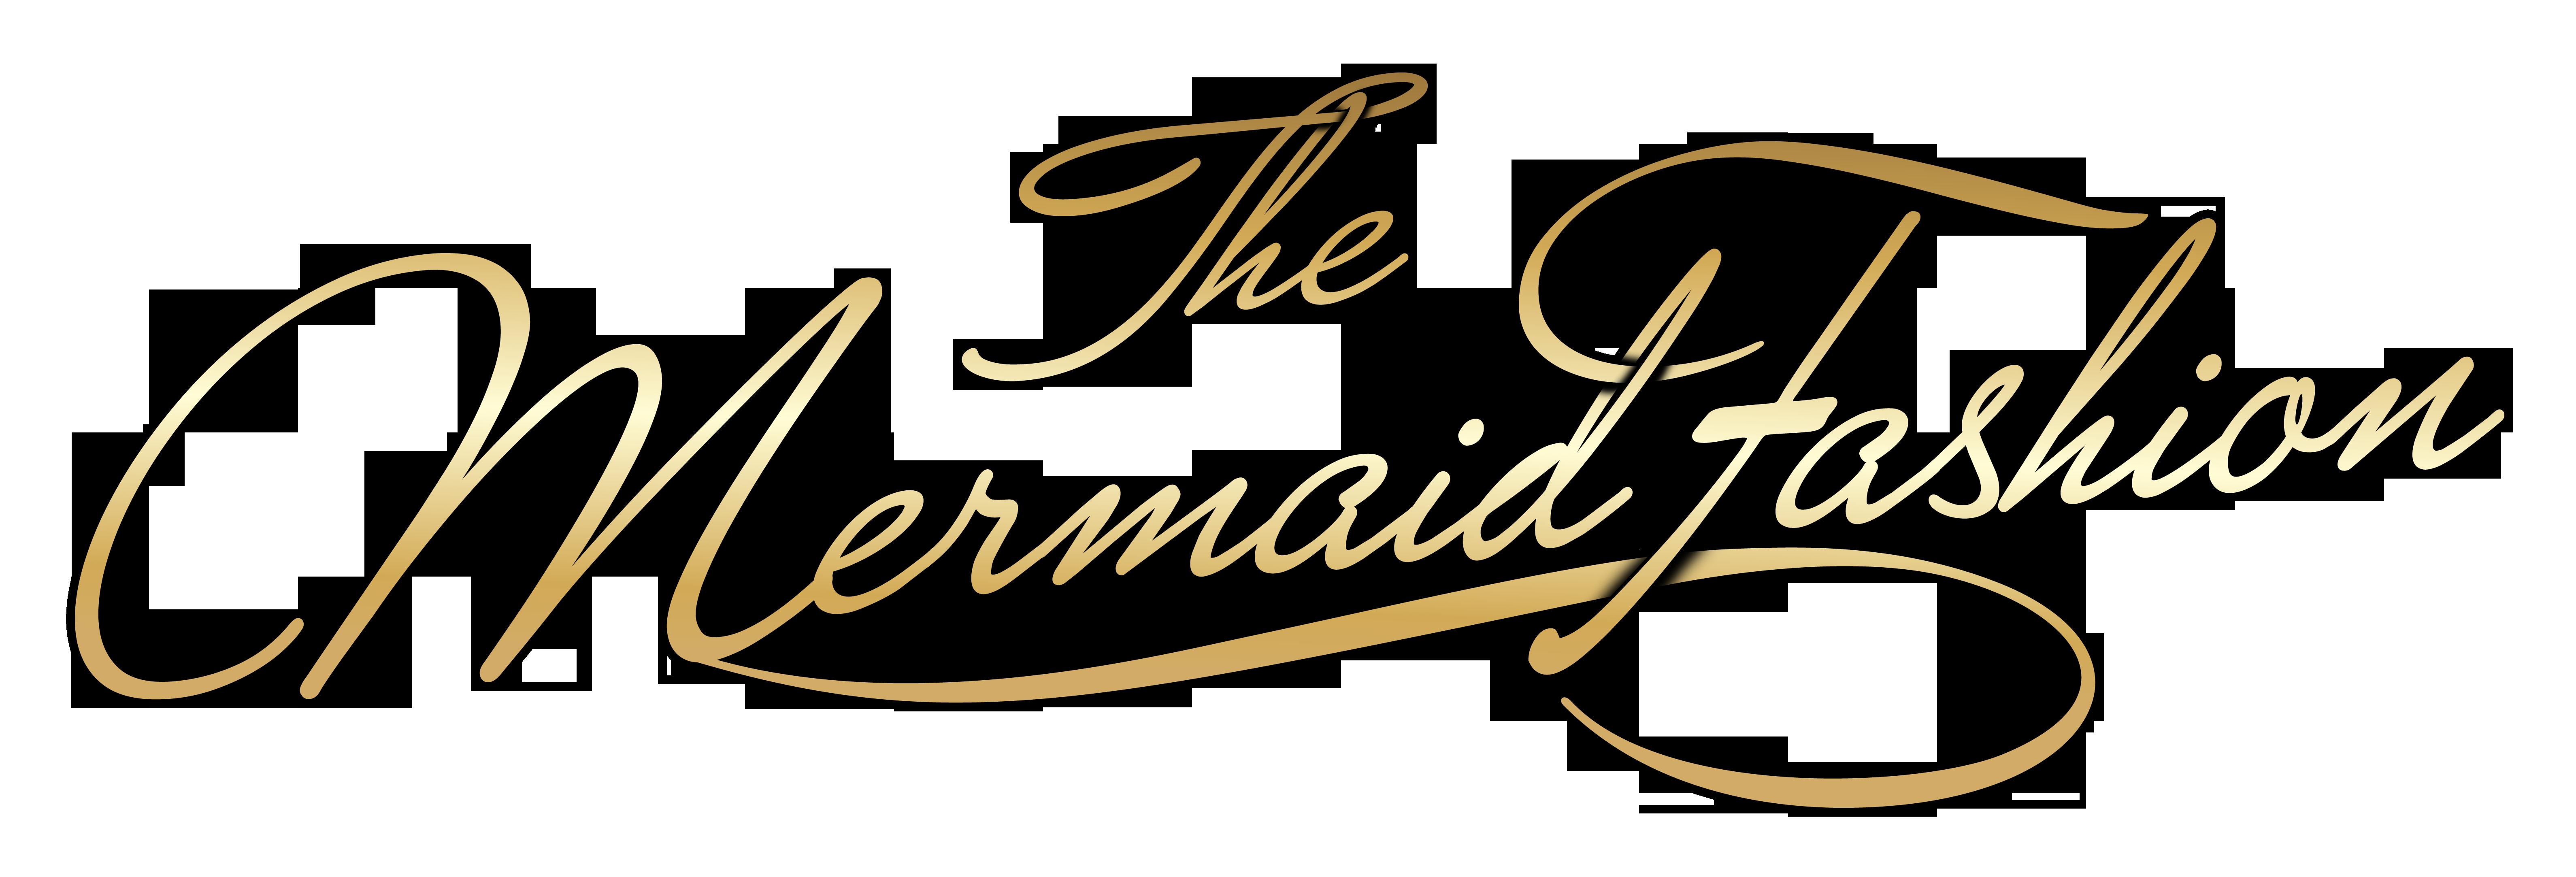 The Mermaid Fashion